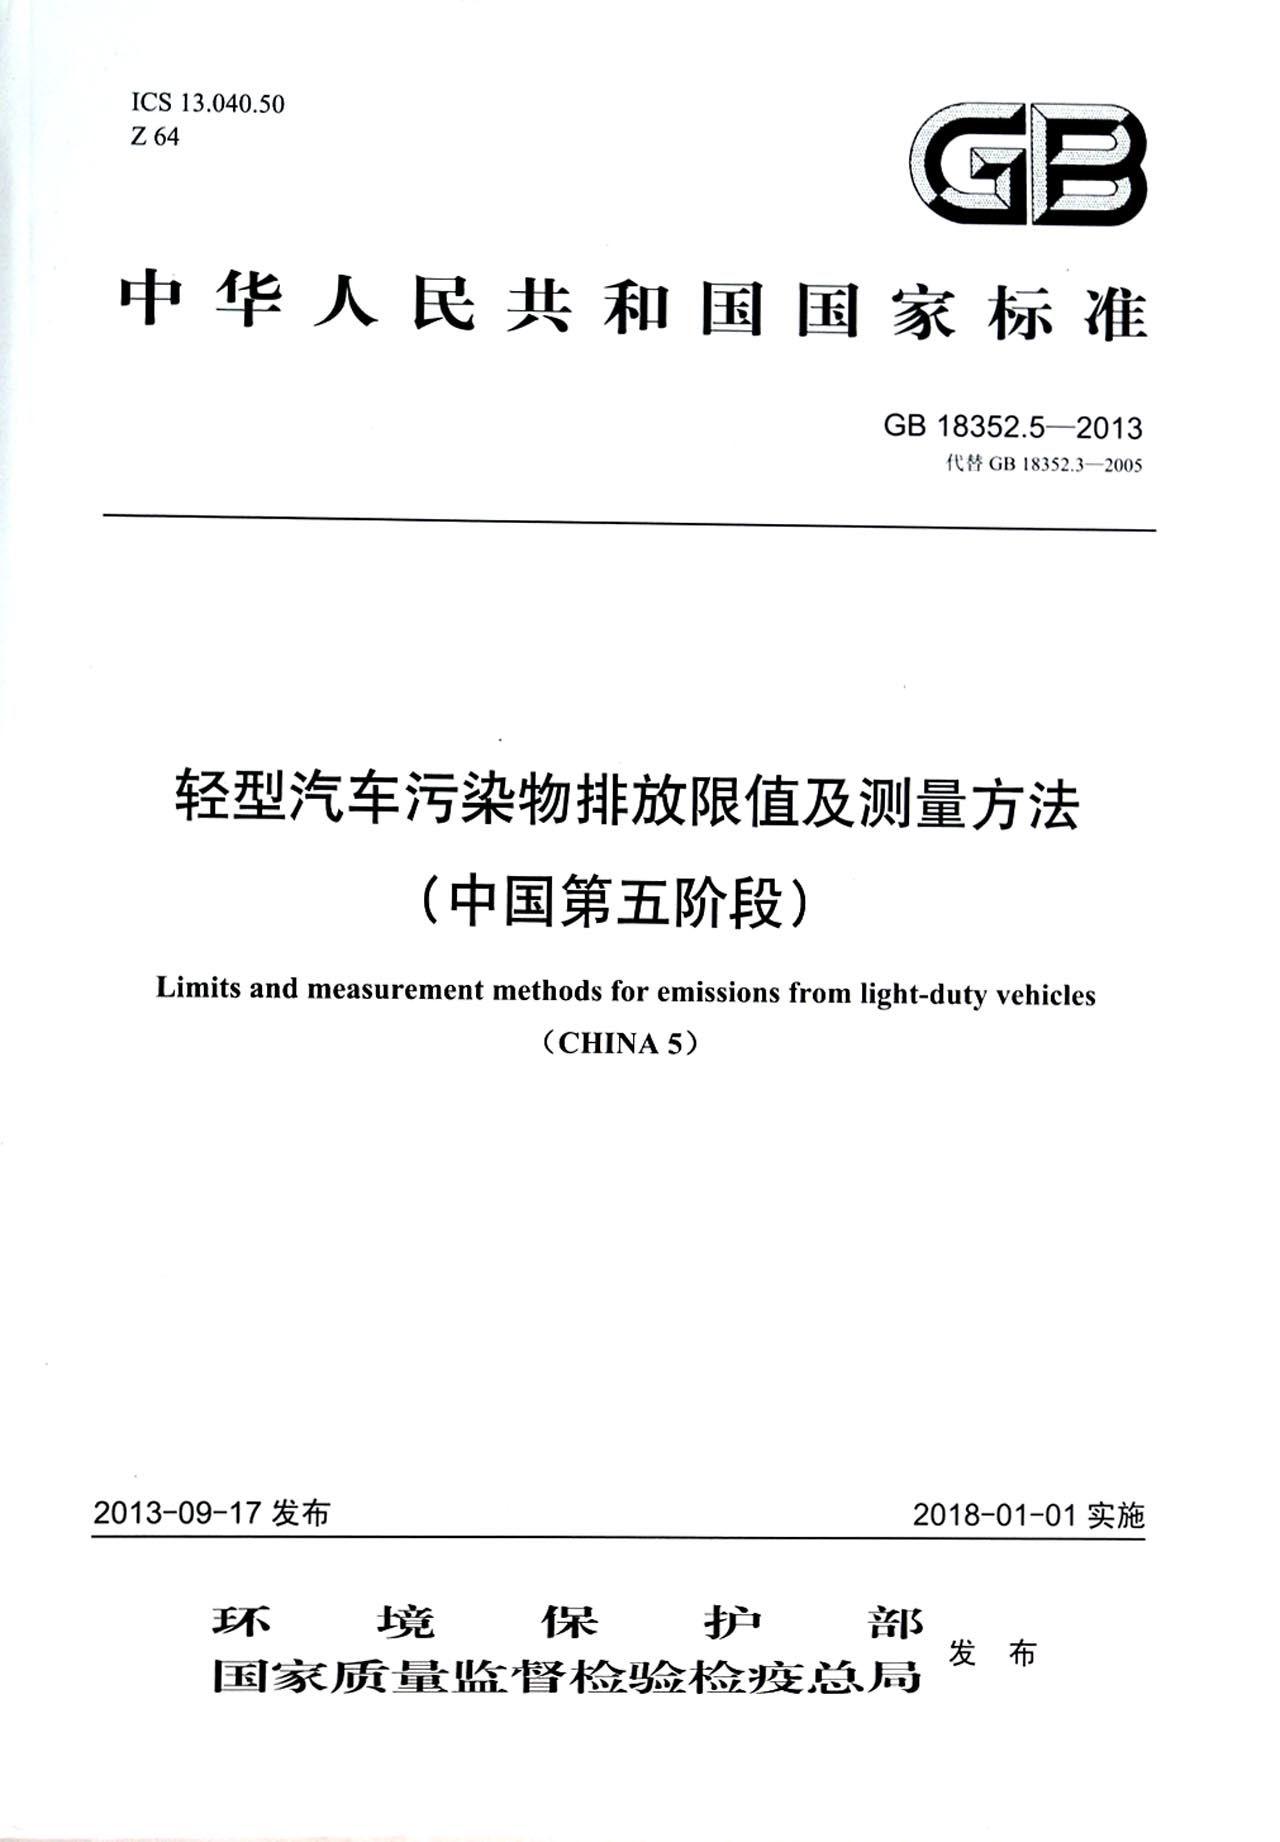 轻型汽车污染物排放限值及测量方法(中国第五阶段gb18352.